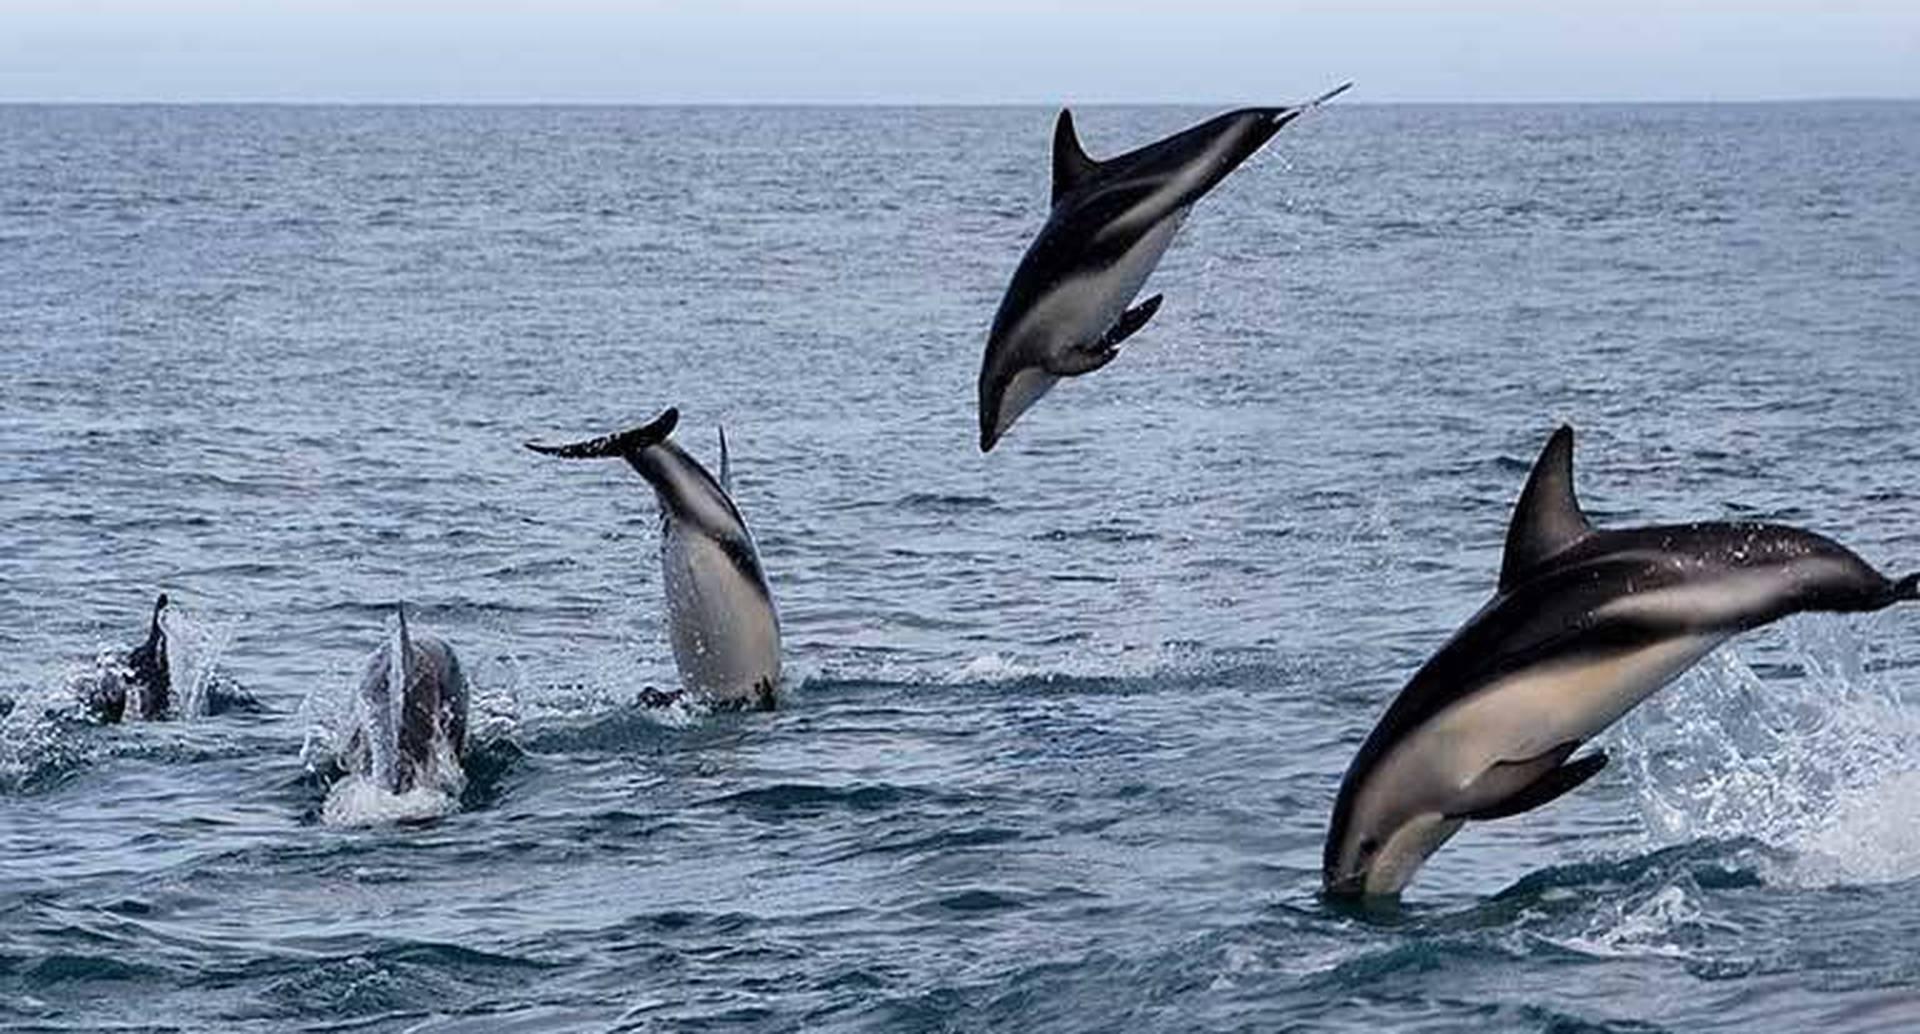 Estos delfines son especies presentes en las aguas peruanas. Foto: Mongabay Latam